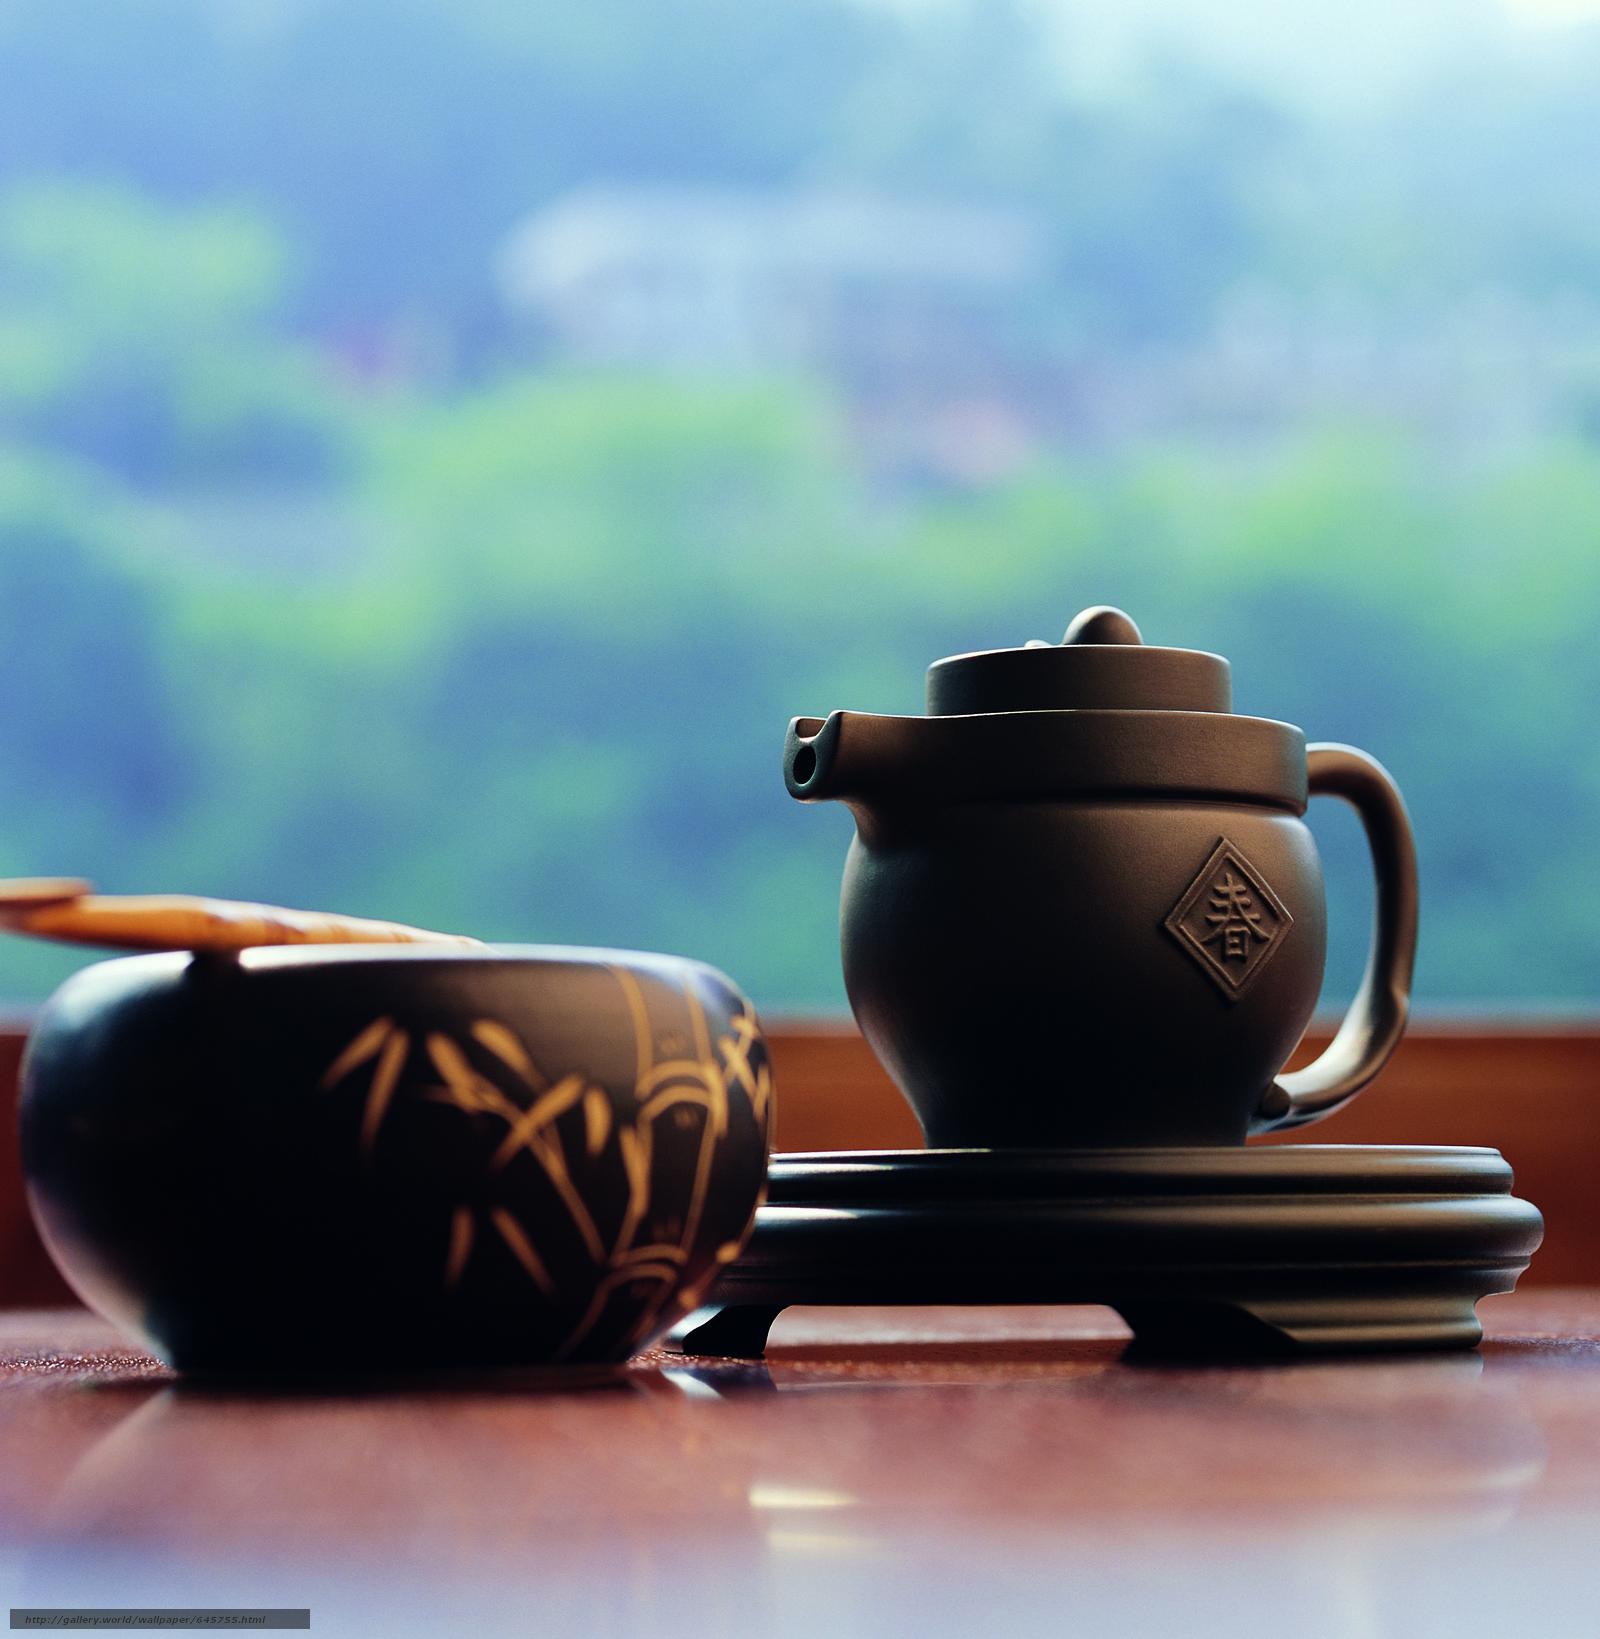 Цитаты про чай на китайском